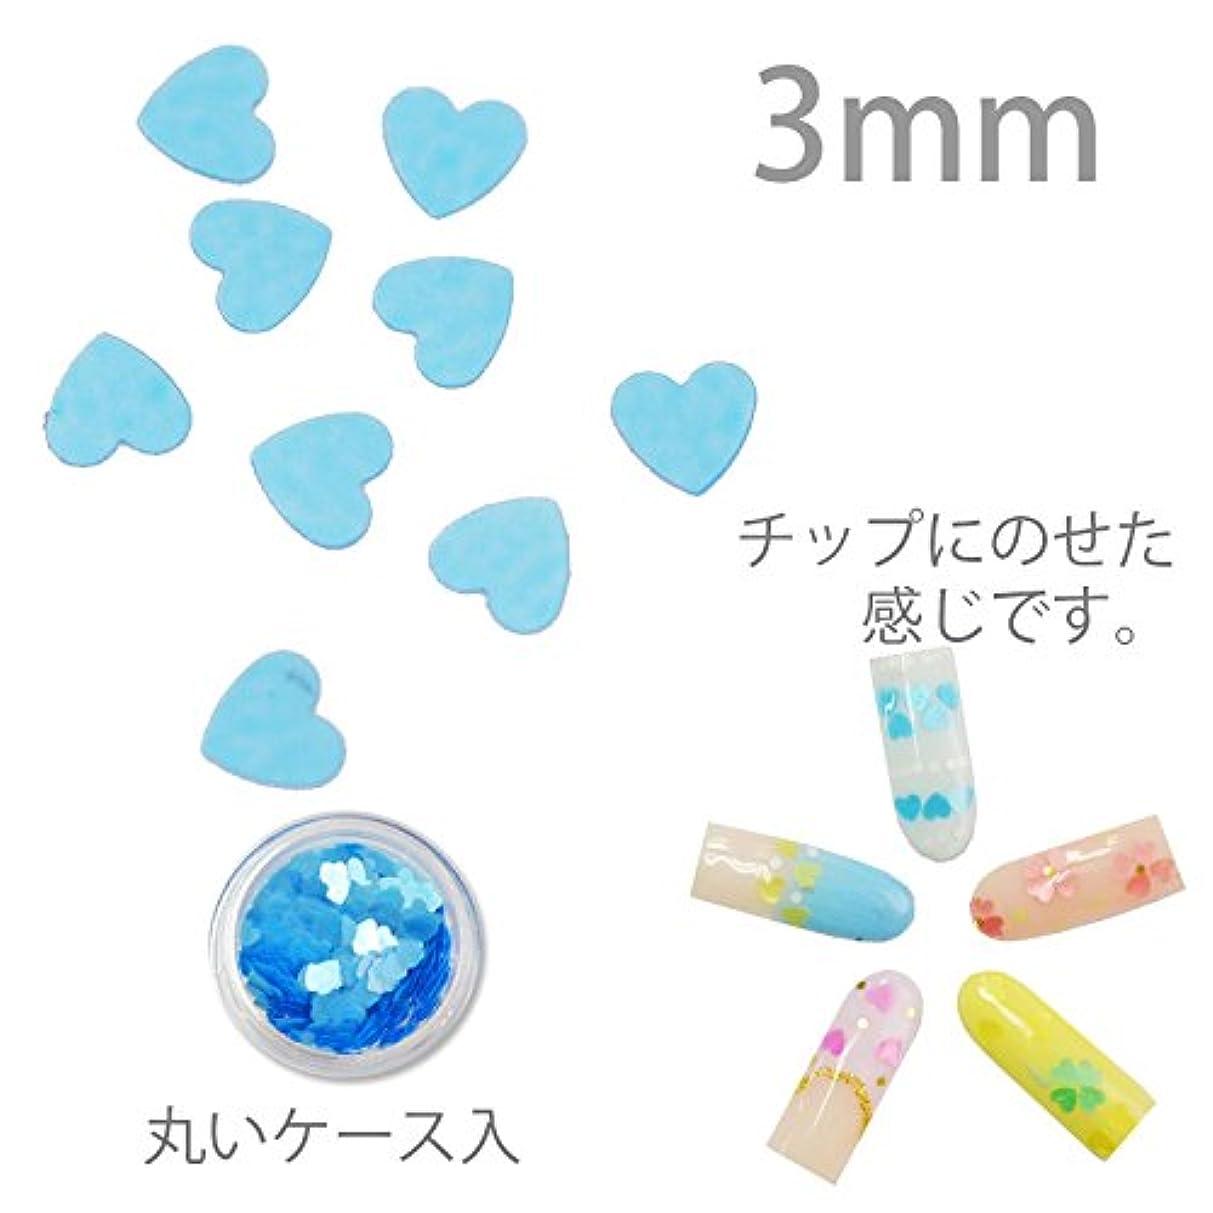 害彼らのフラップハートの形のホログラム 3mm 0.5g 丸ケース入り (BLUE)